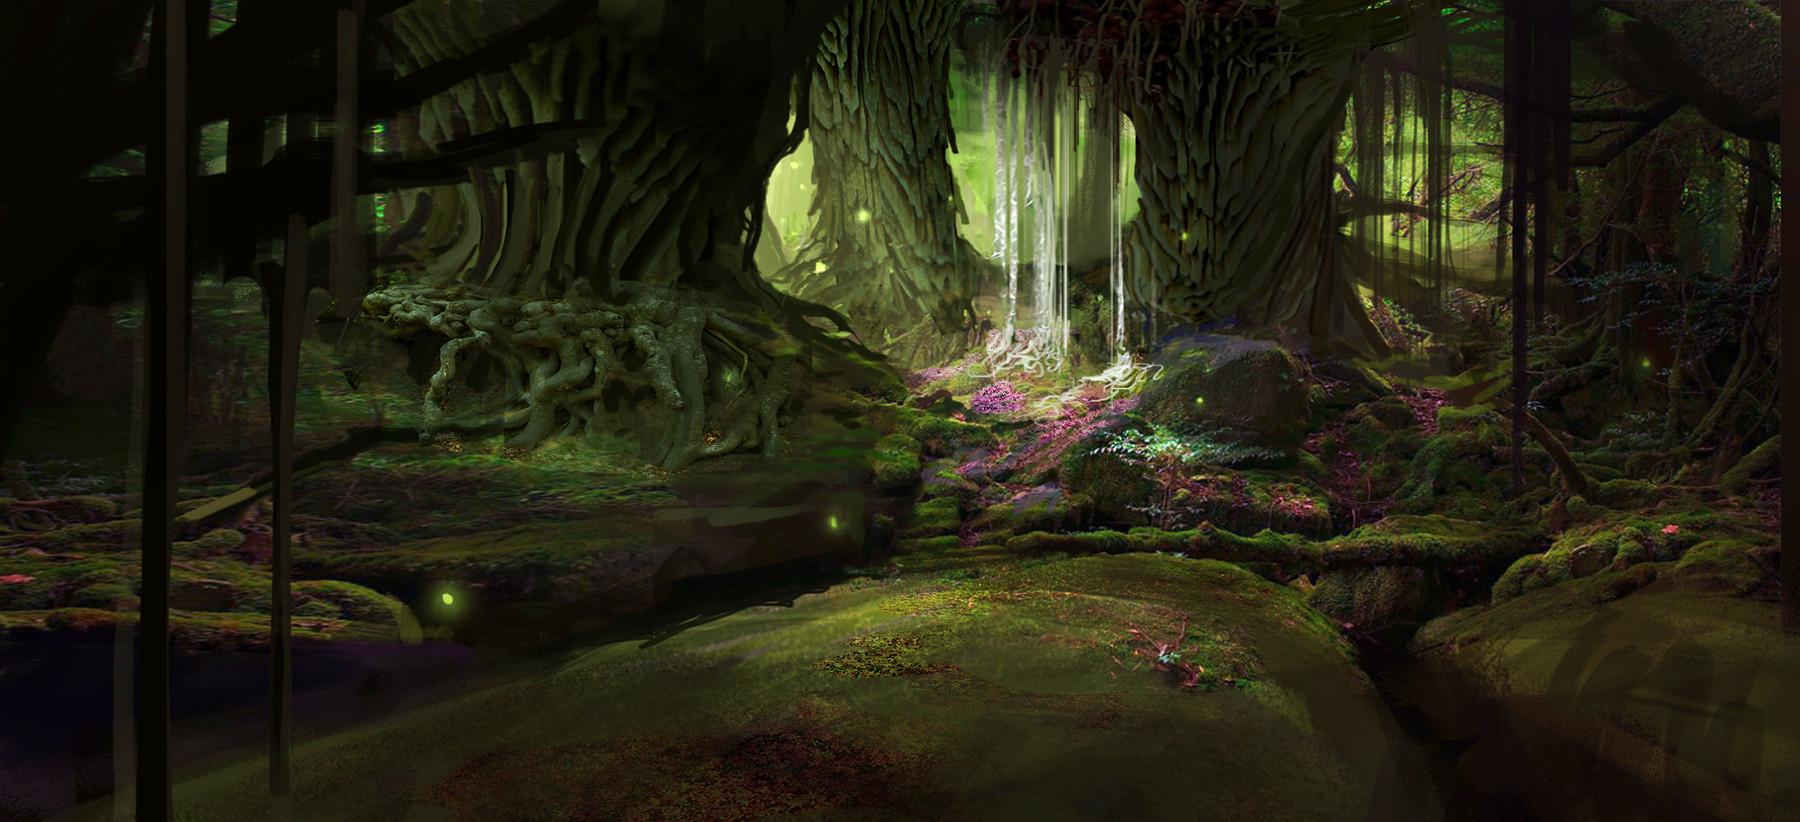 Finnian macmanus forest3